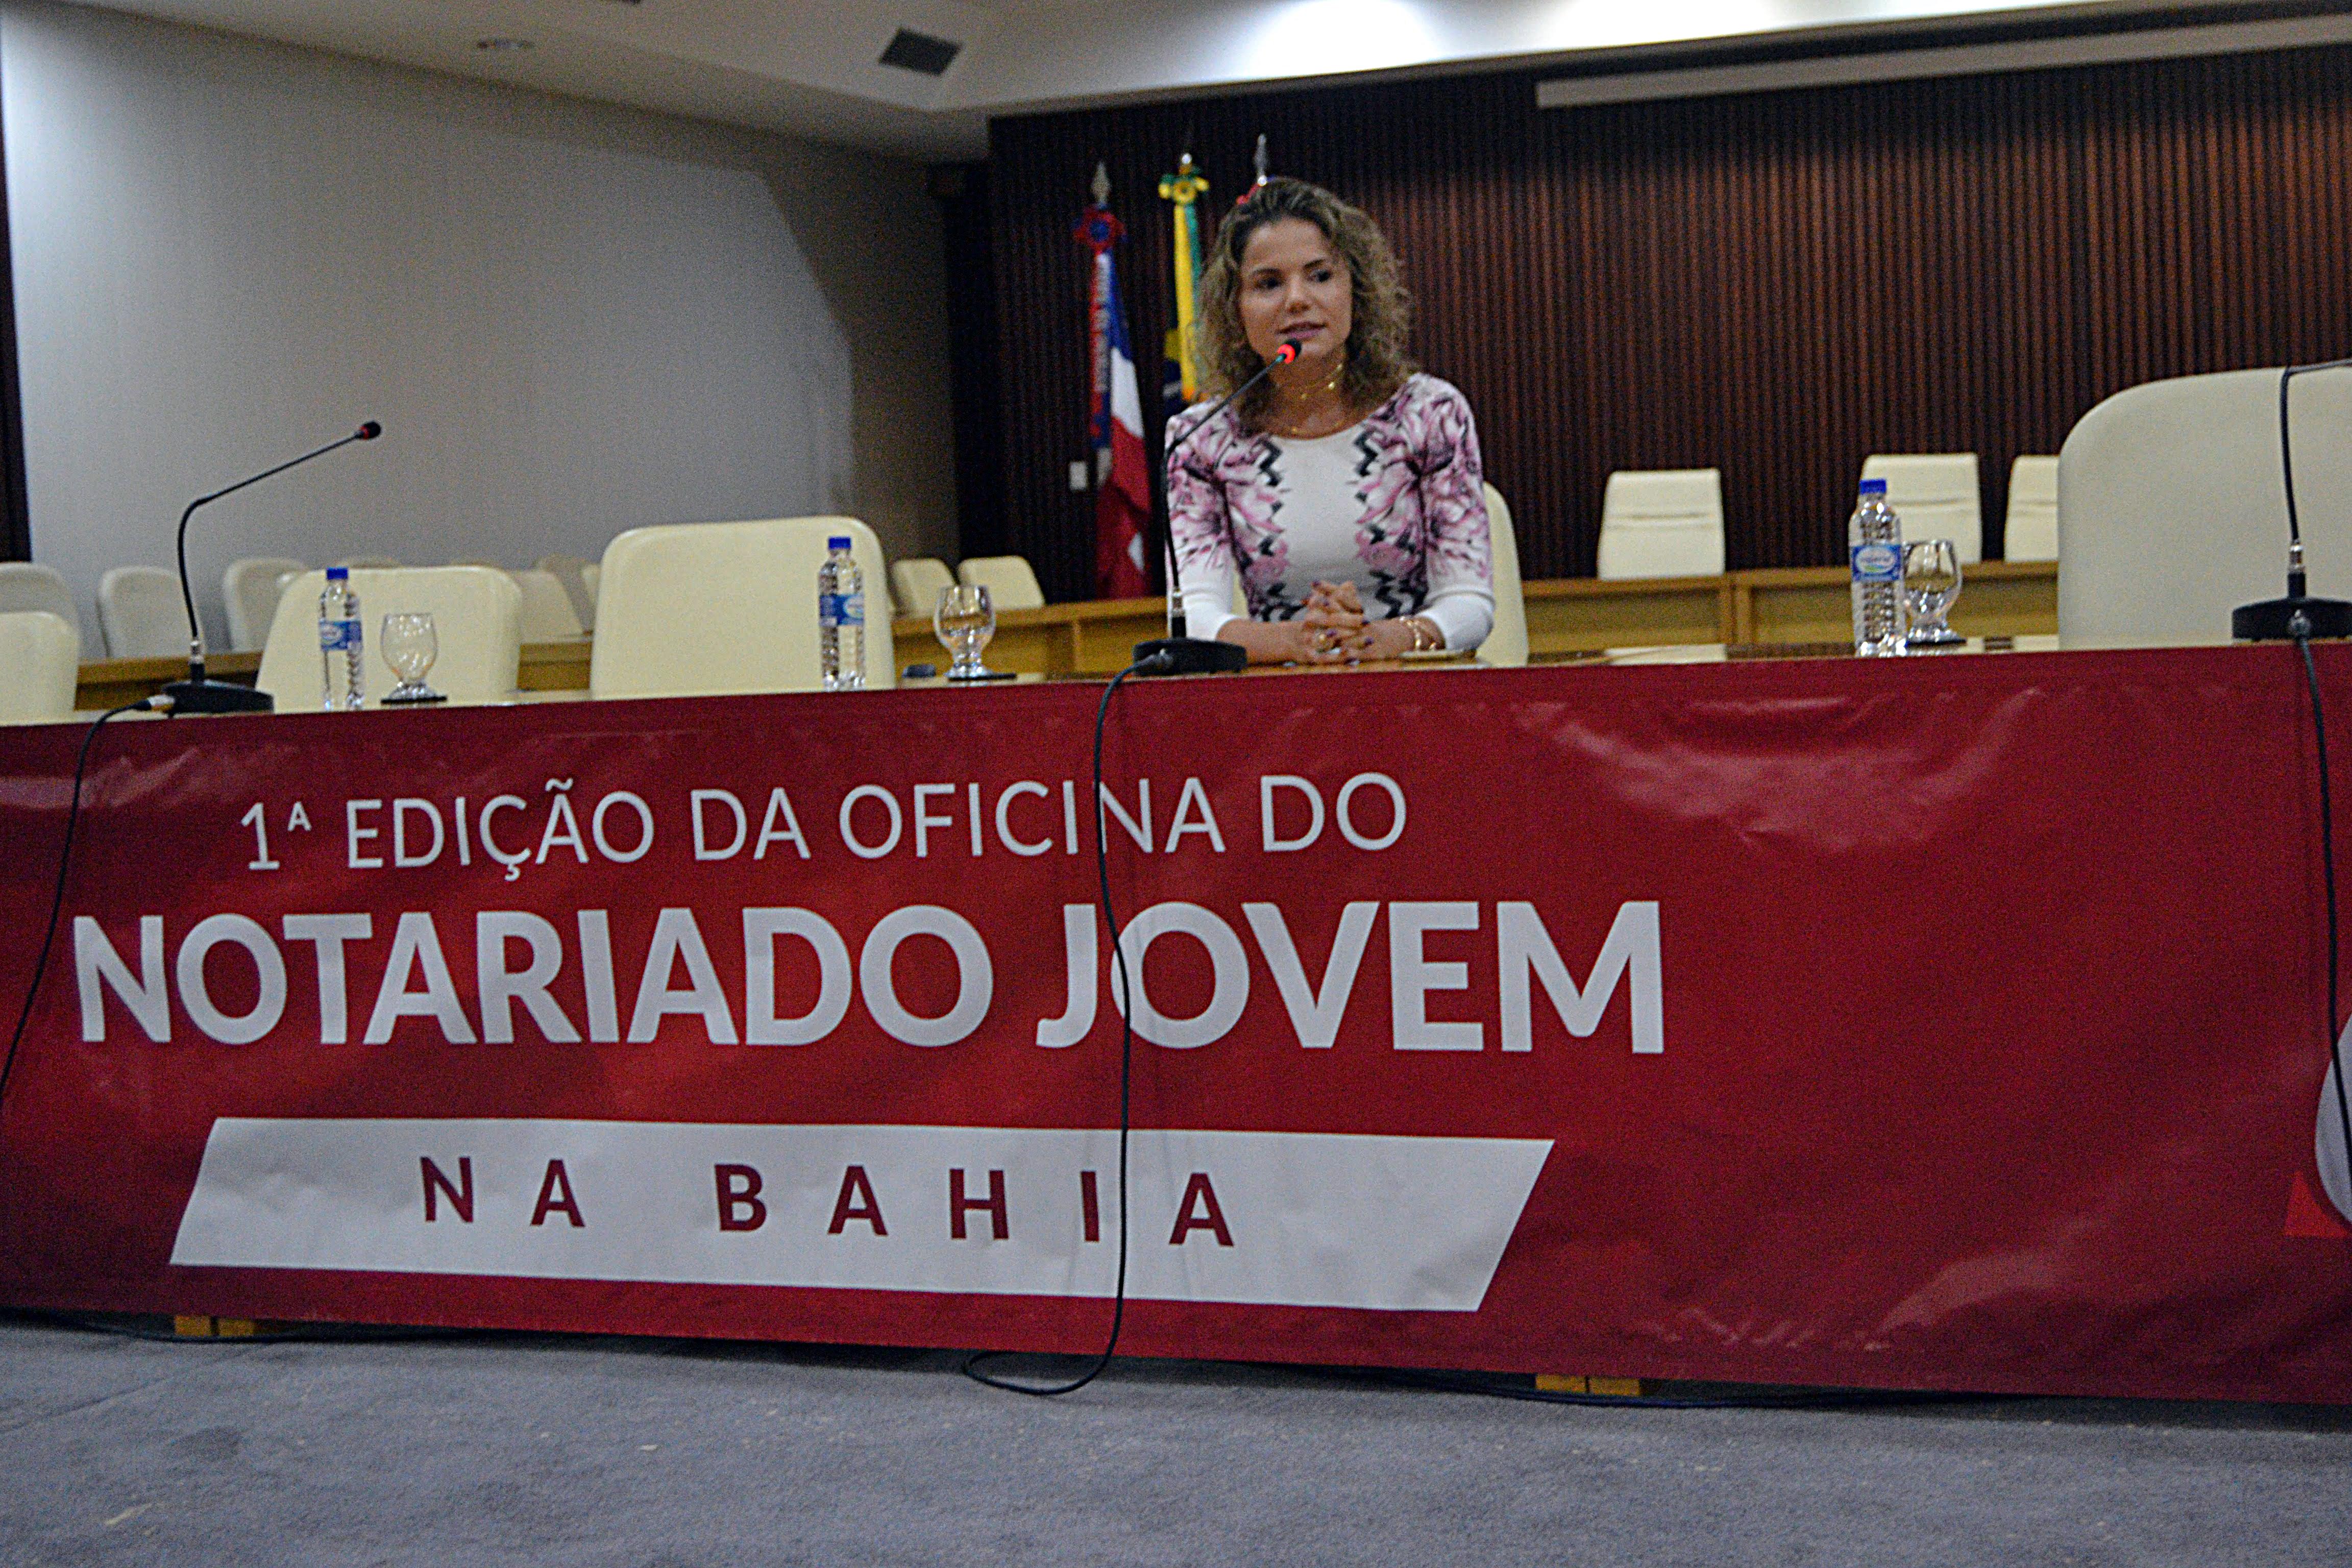 1ª Oficina Do Notariado Jovem Na Bahia